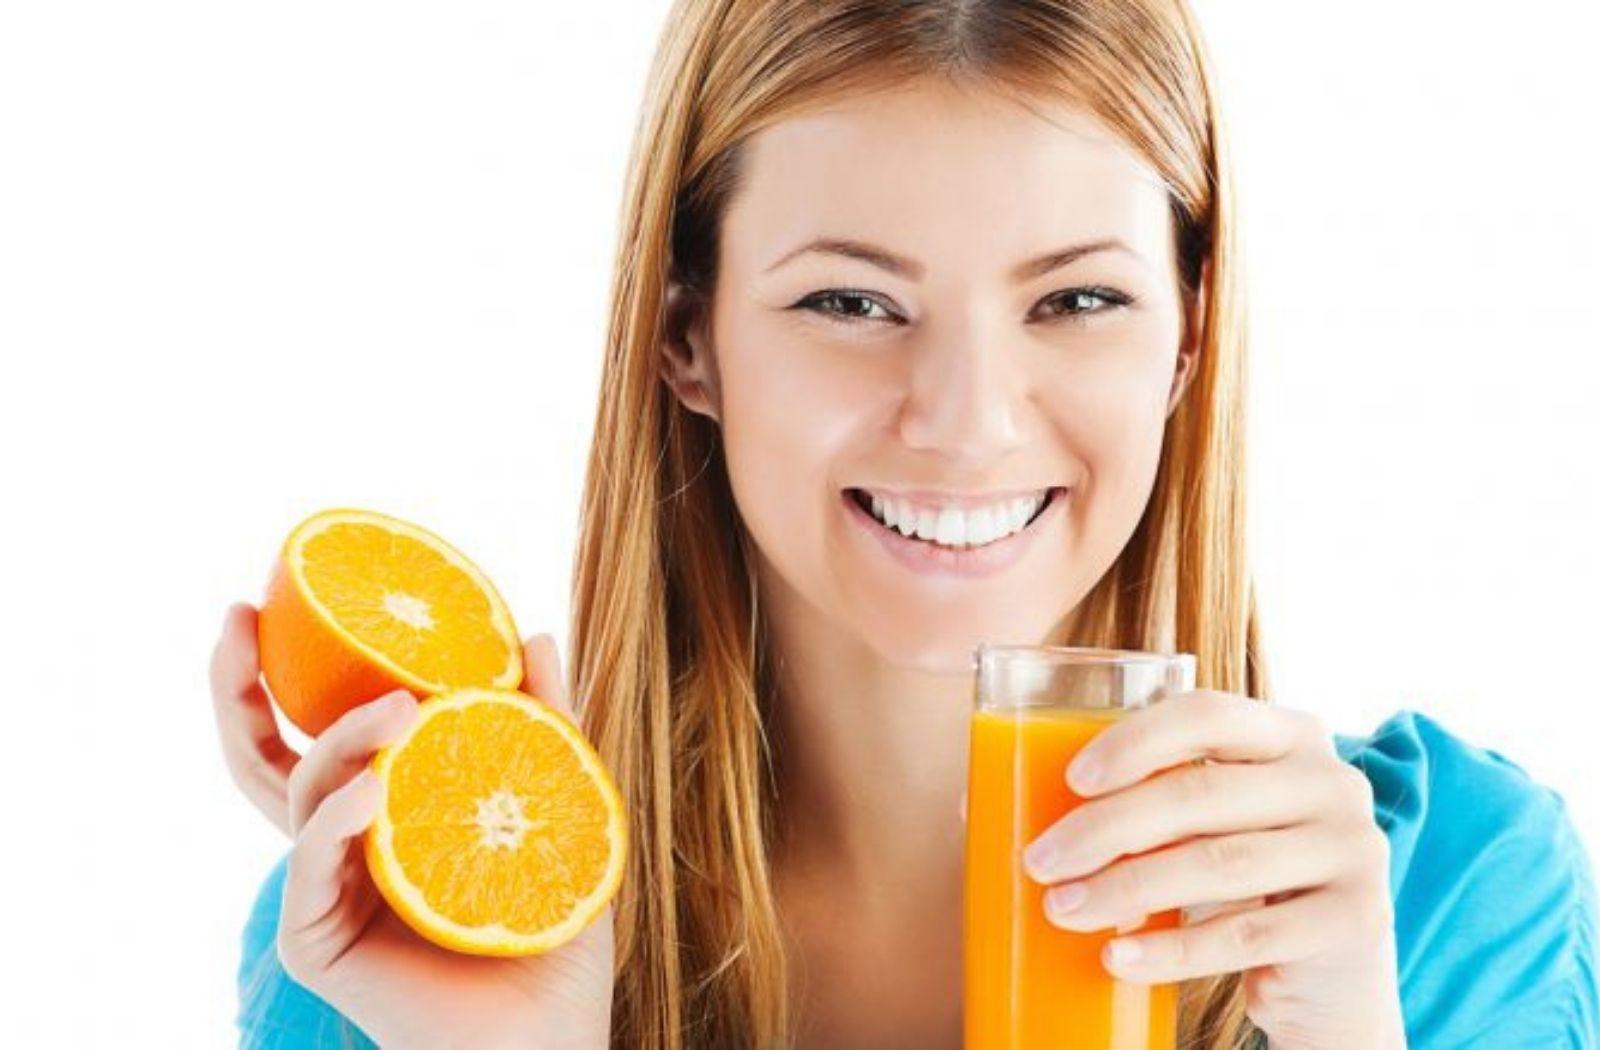 Succo arancia ricco di calcio